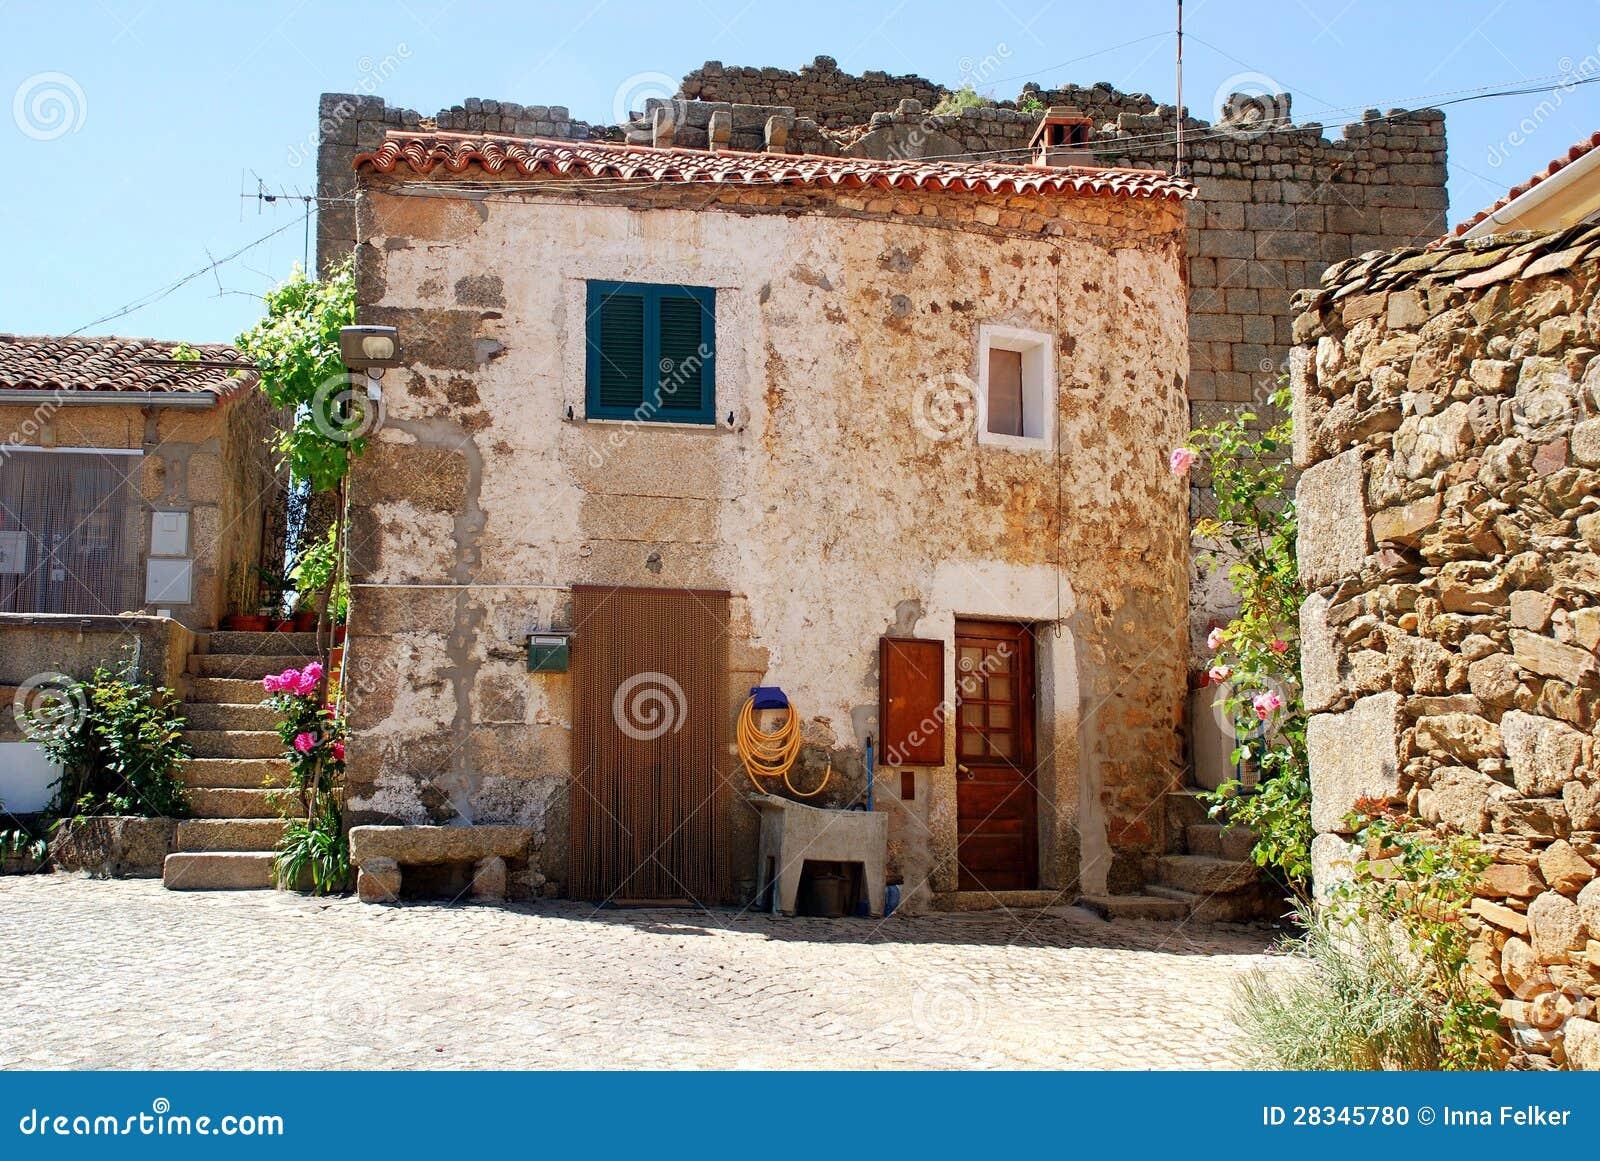 Vieille maison rurale en pierre portugal photo stock image du op rations antique 28345780 for Construction de maison rurale